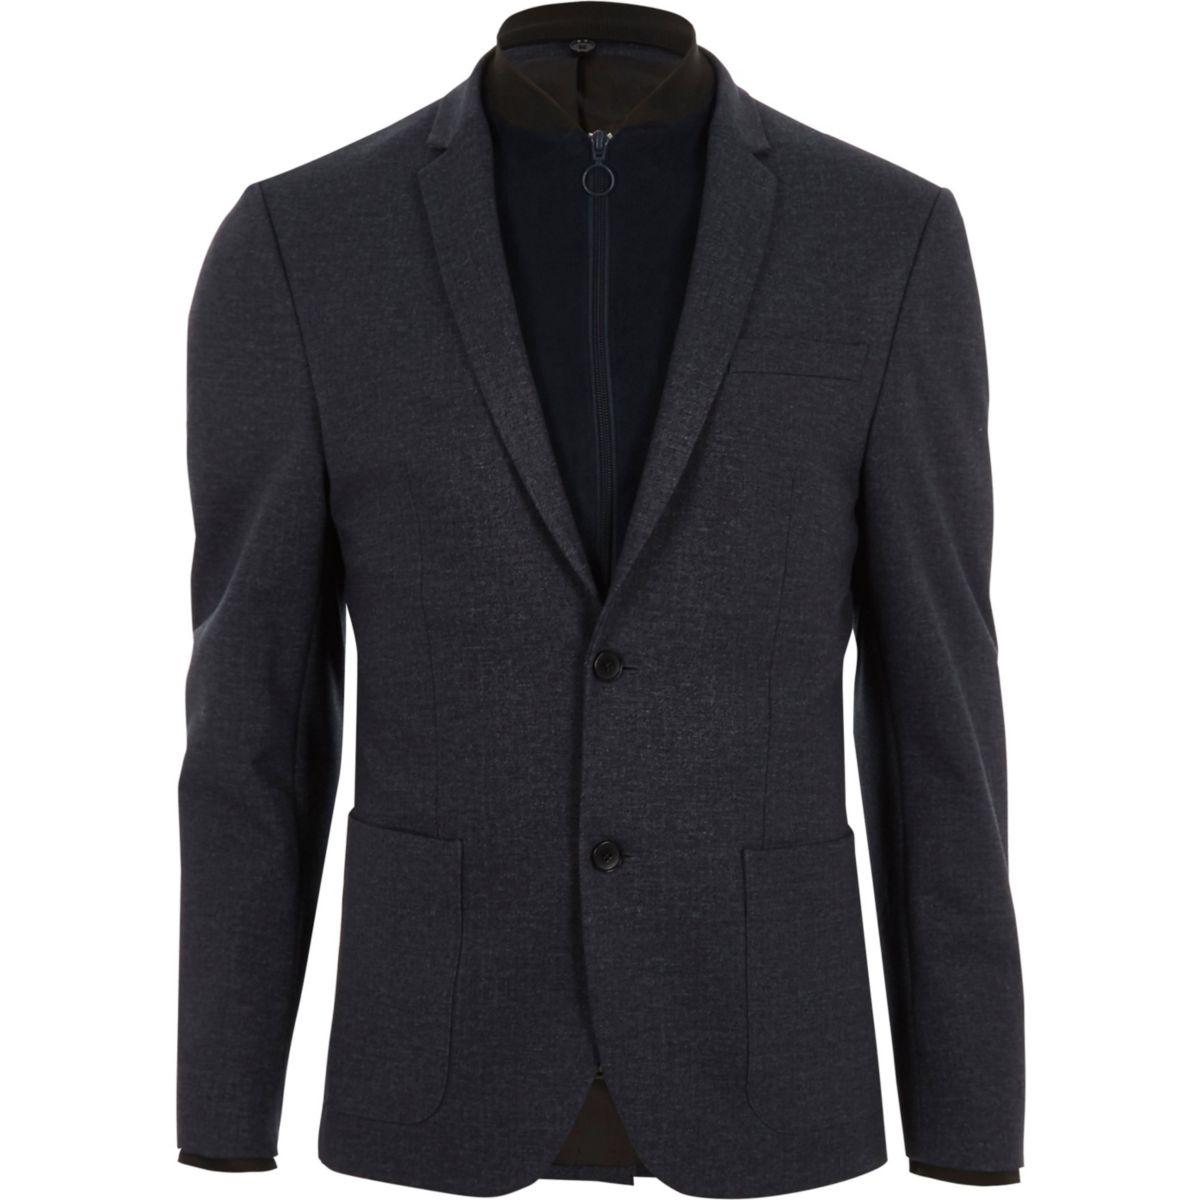 Navy bomber jacket insert skinny fit blazer